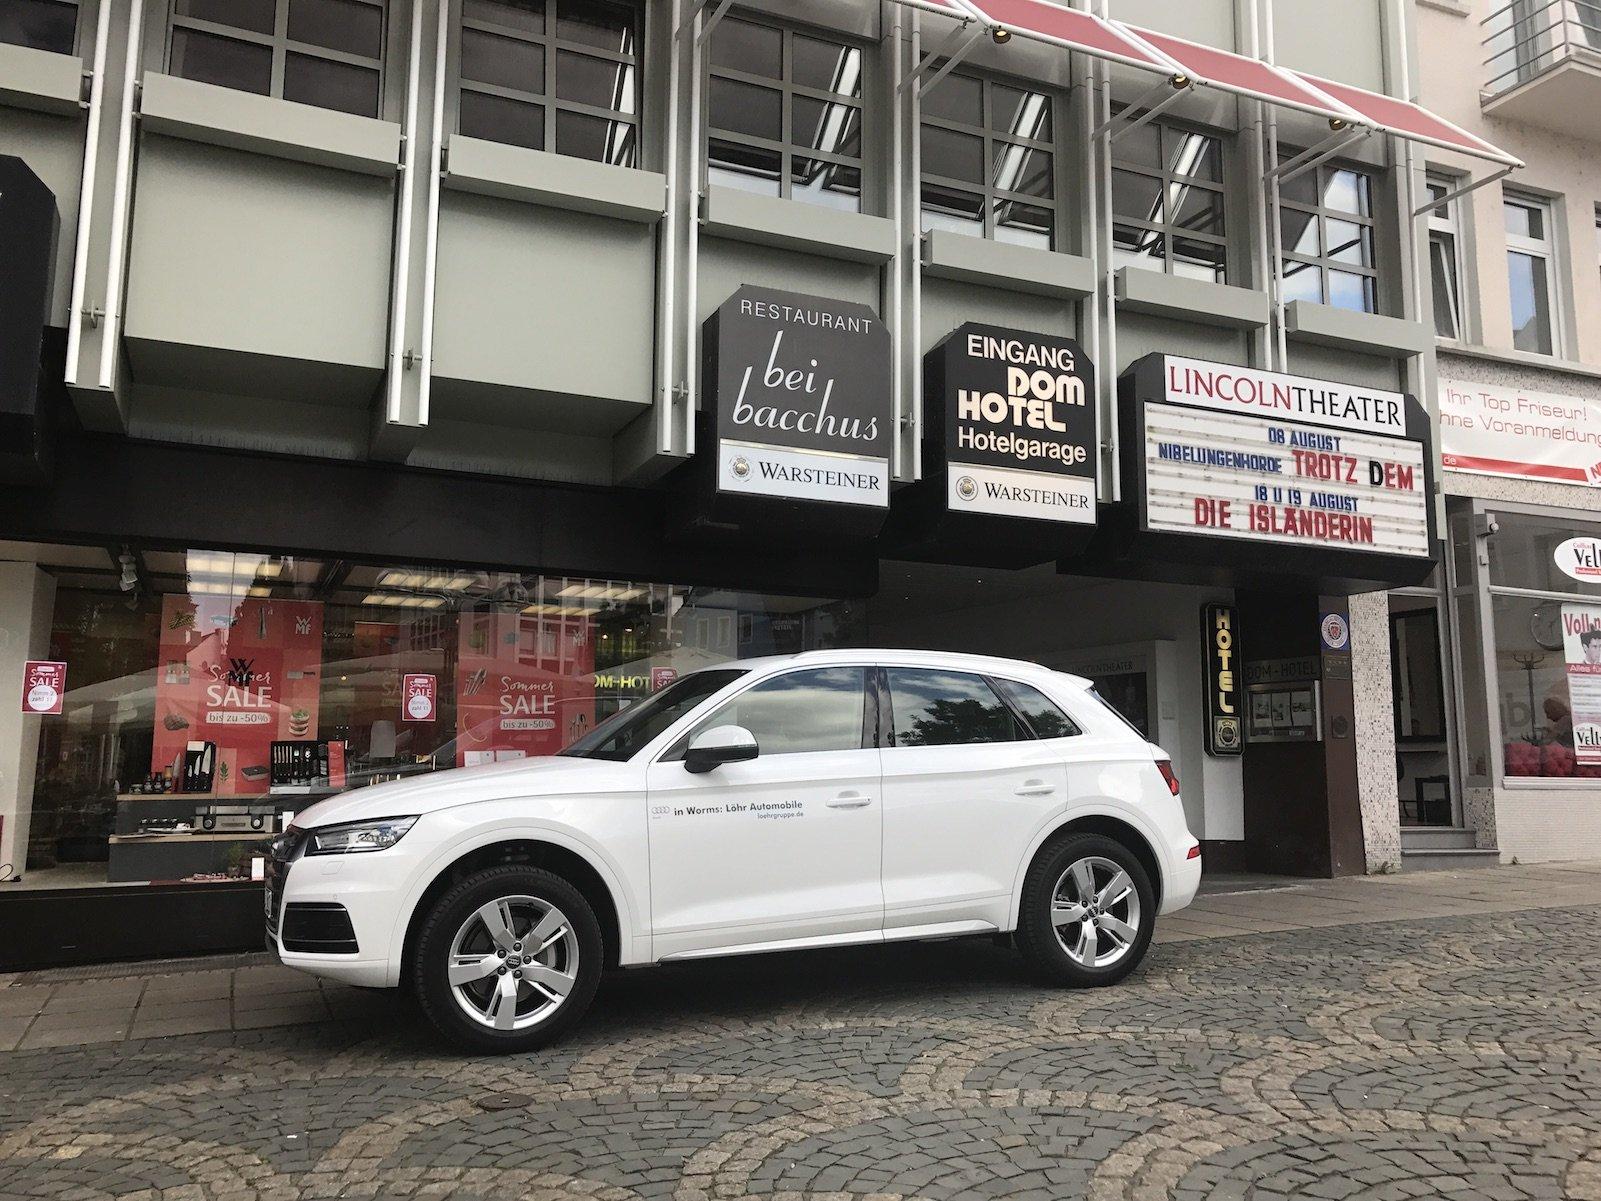 Shuttle zum roten Teppich der Premiere der Nibelungenfestspiele 2017 in Worms